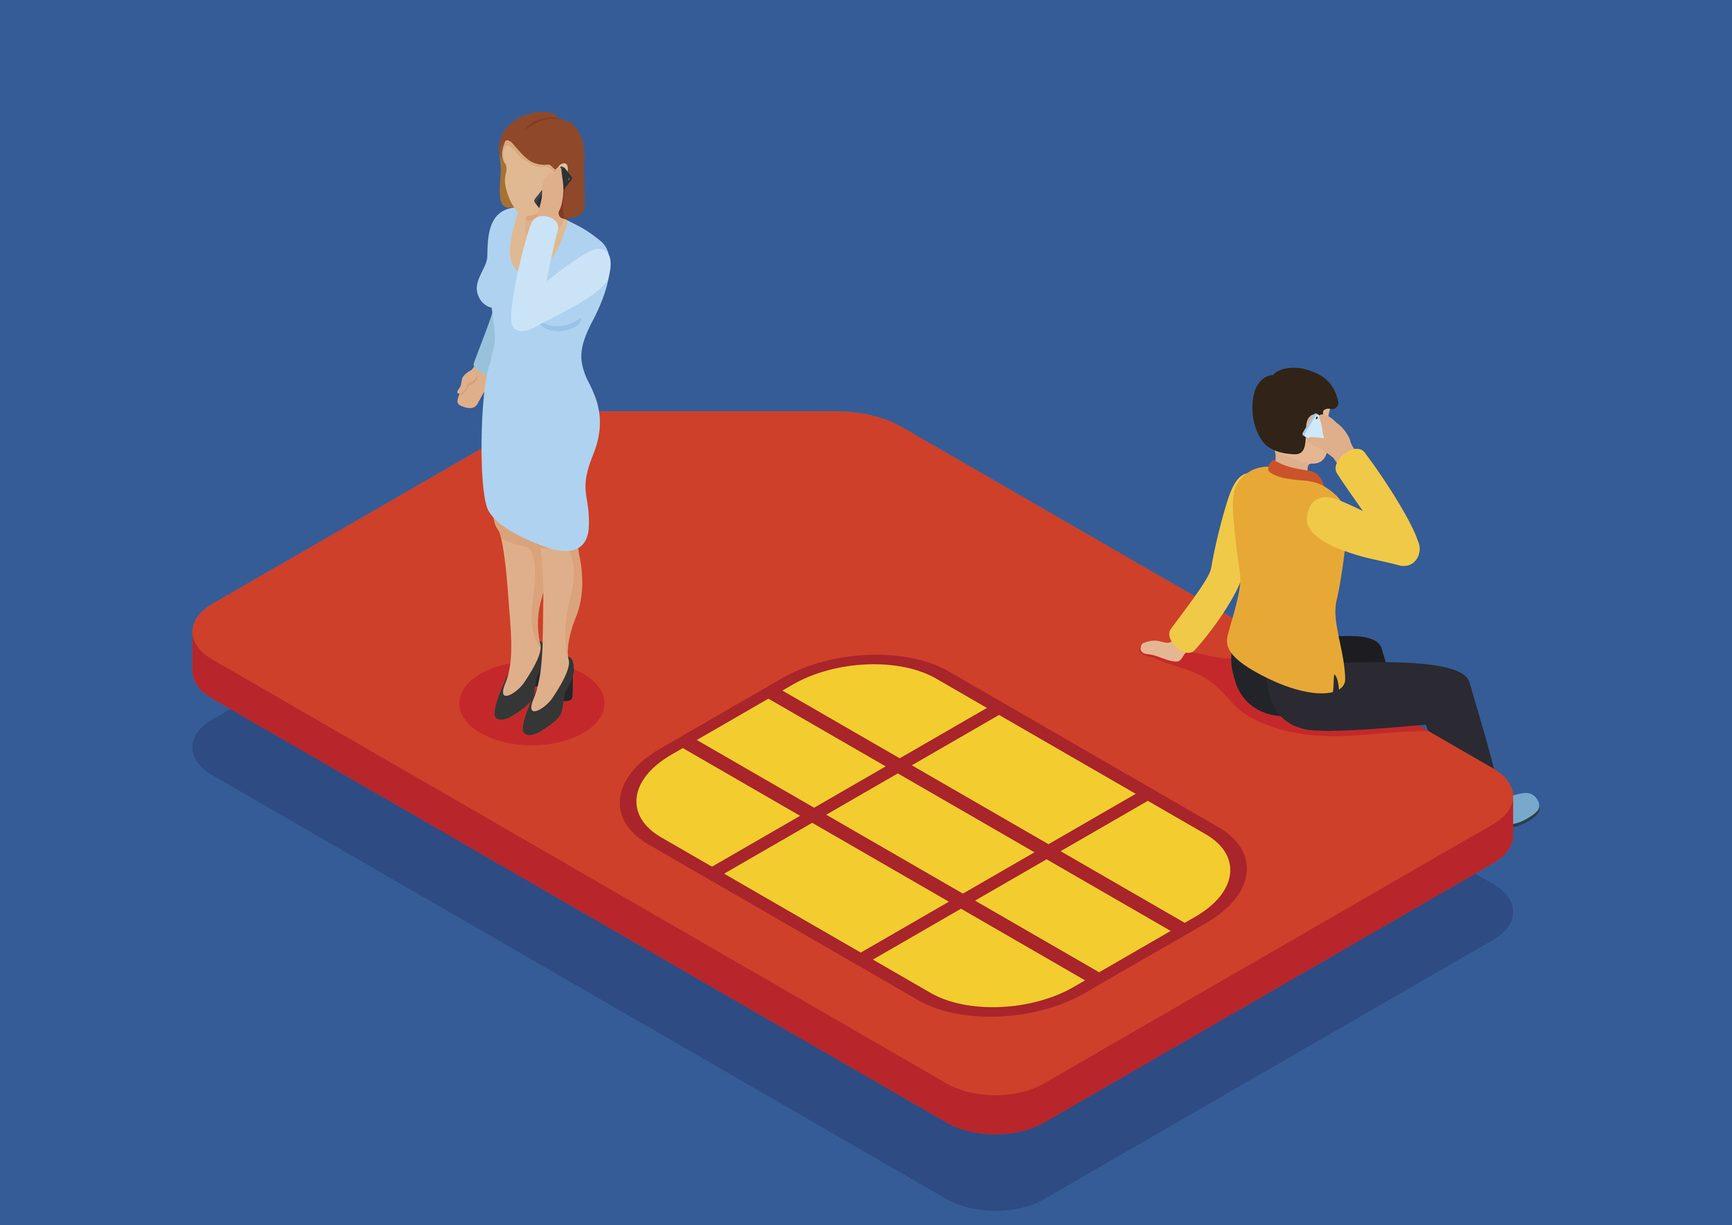 口座振替ができるOCN モバイル ONEってどんな格安SIM?